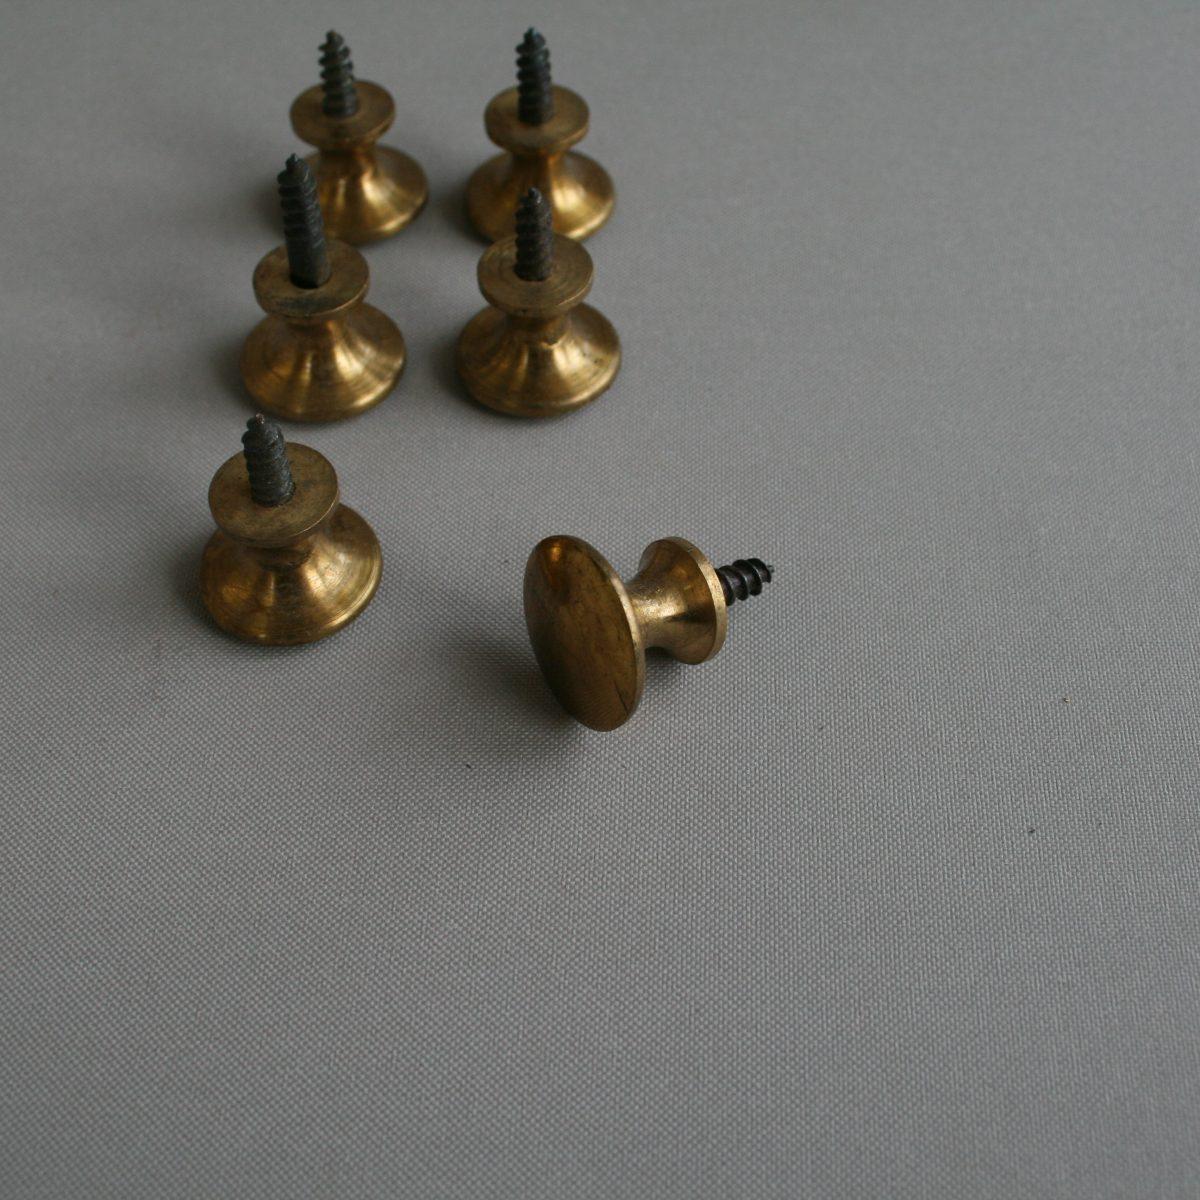 antique brass knob handles /williamsantiques